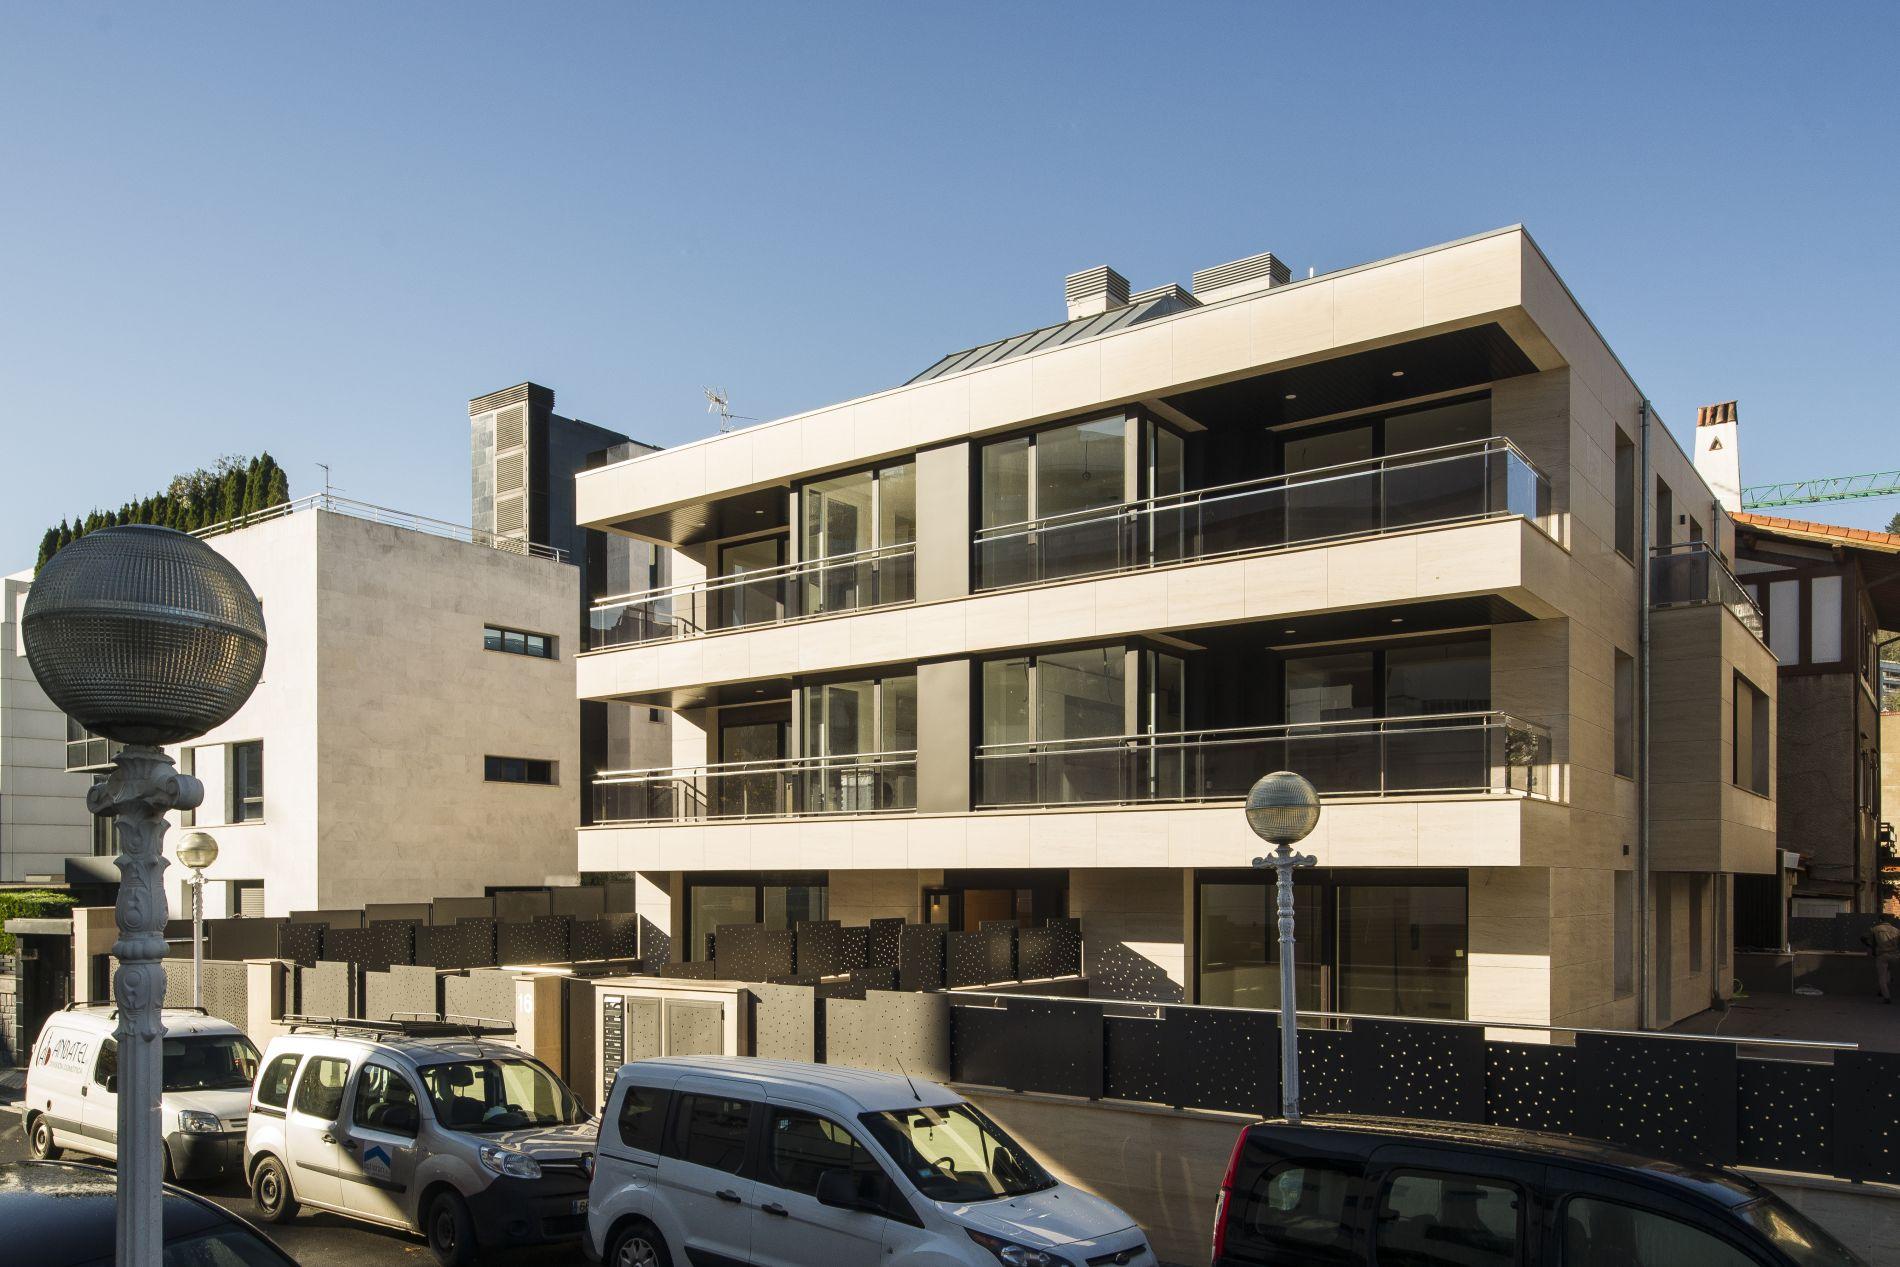 Fiark - 6 viviendas en Infanta Beatriz 16 3